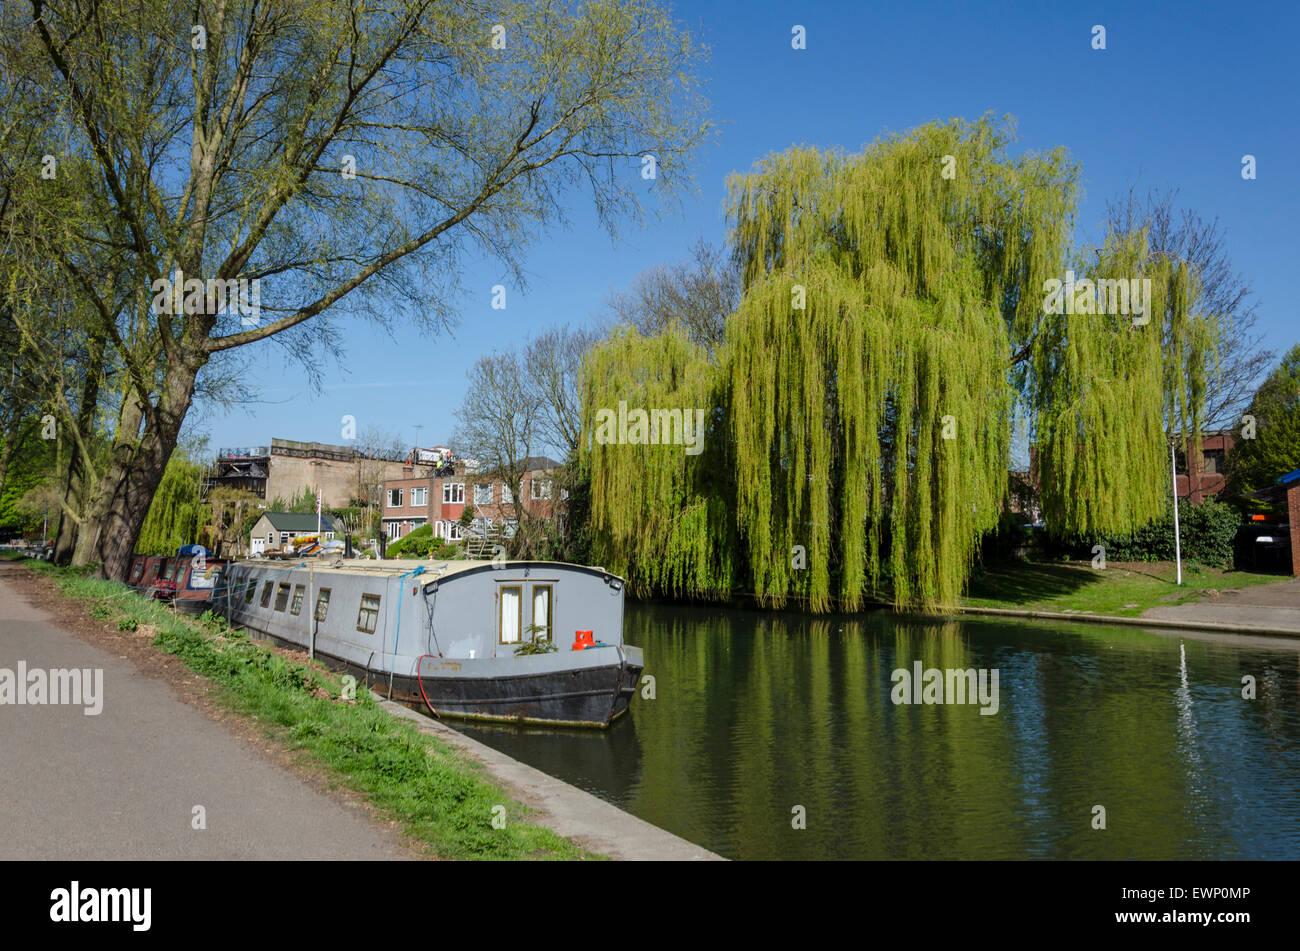 Bateau sur la rivière Cam, Cambridge, Royaume-Uni Photo Stock